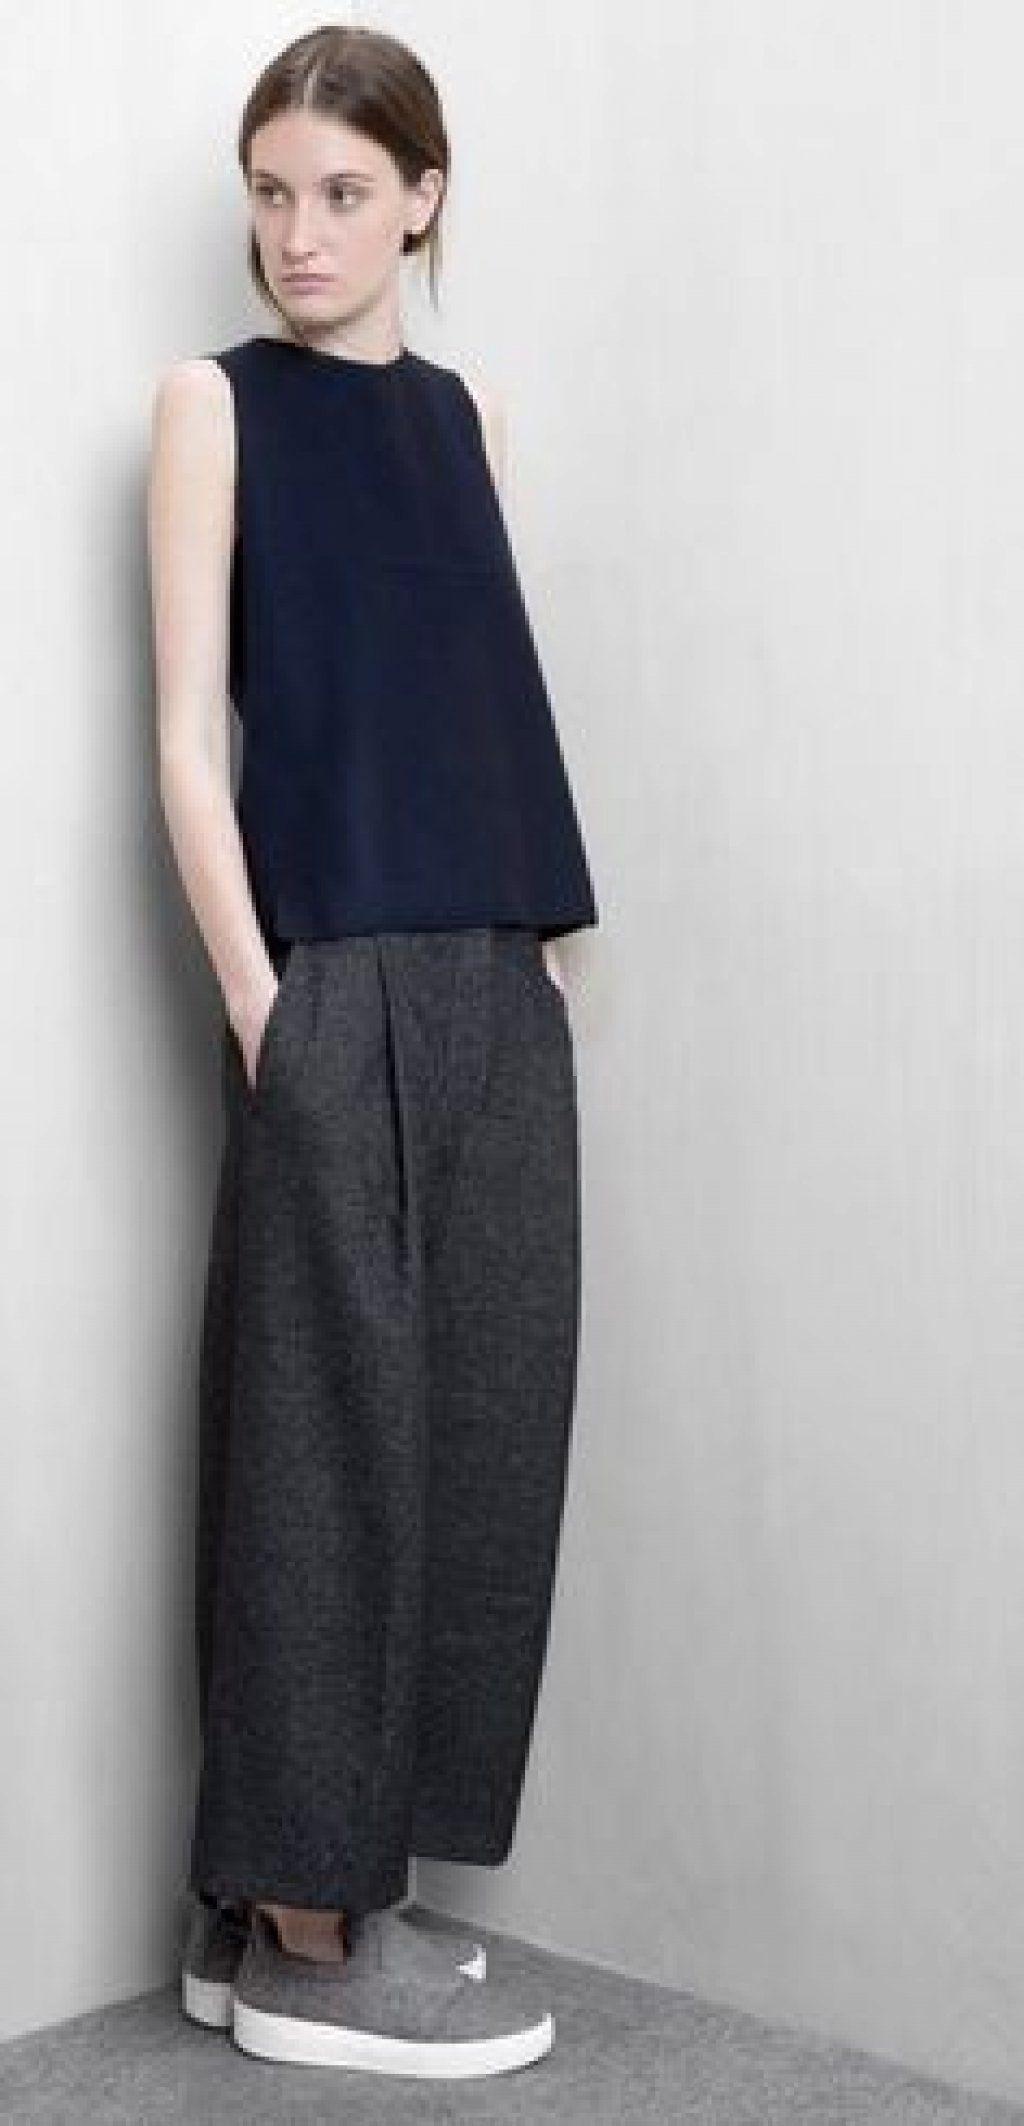 le 5 cose che un'amante dei pantaloni è stanca di sentirsi dire  leggi di più su www.blogdimoda.com